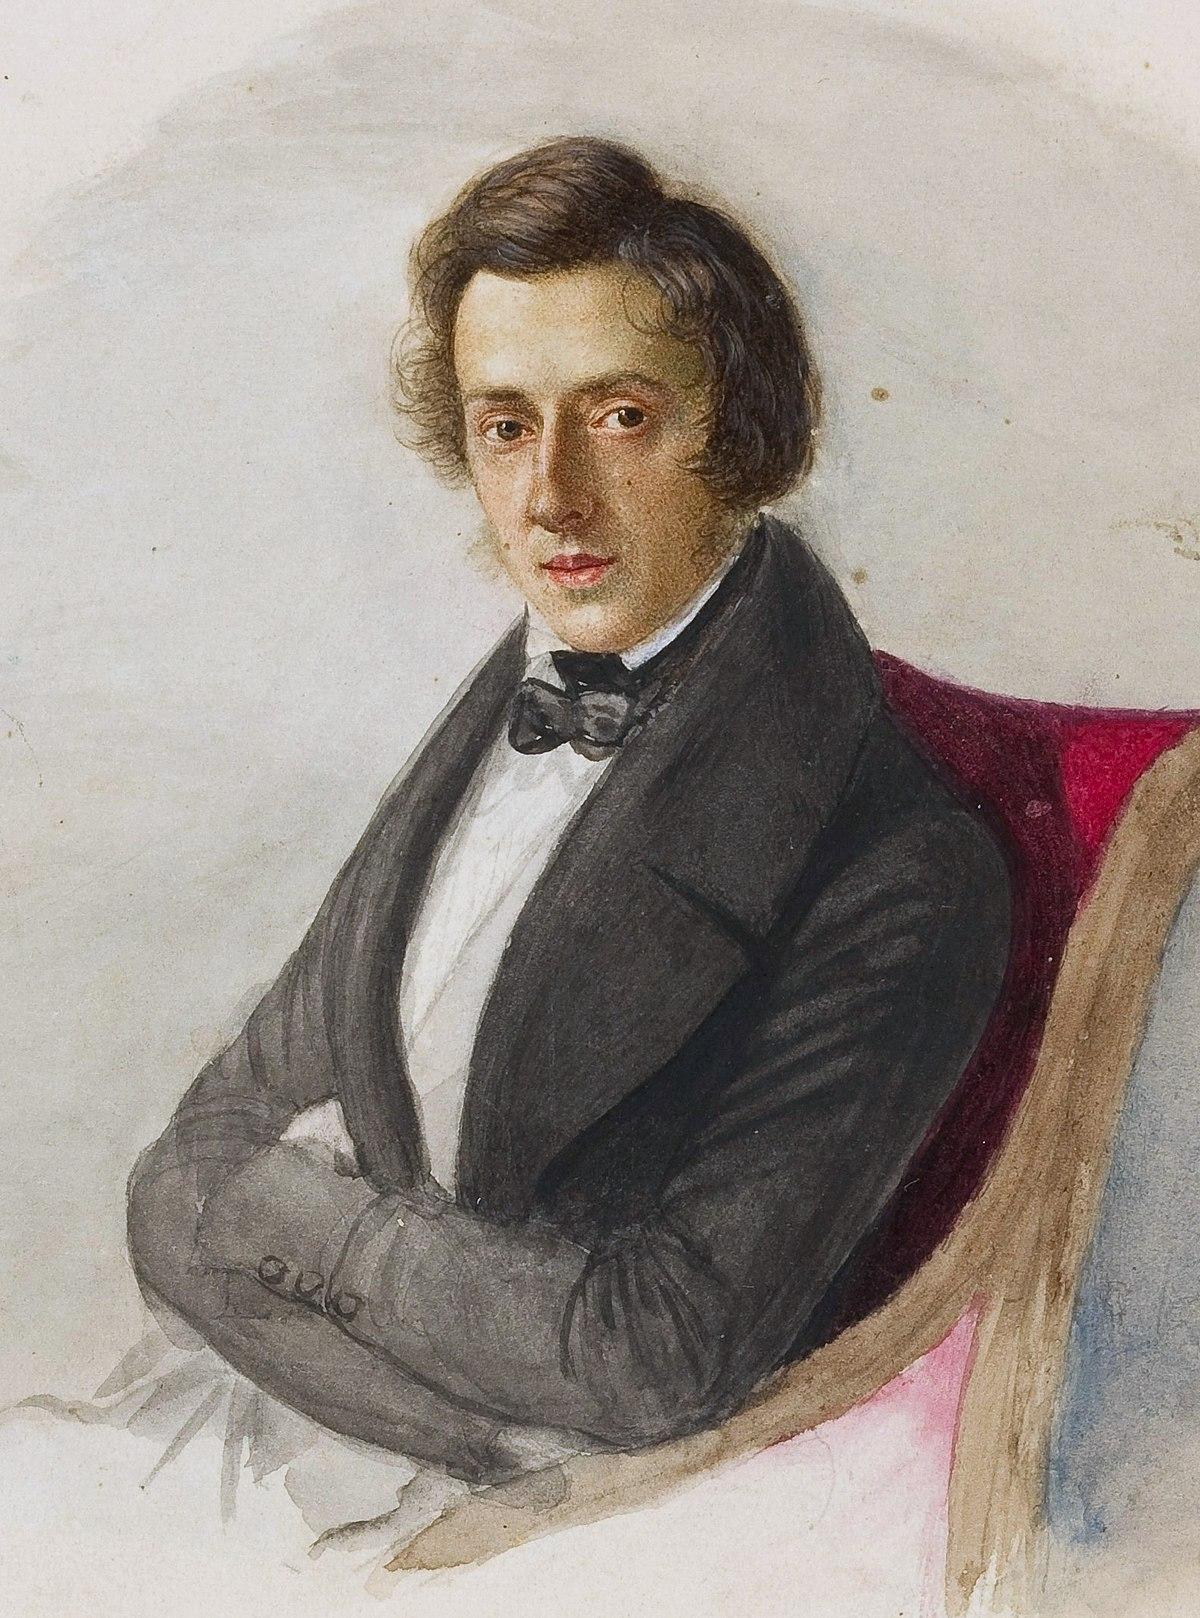 زندگی نامه فردریک فرانسوا شوپن